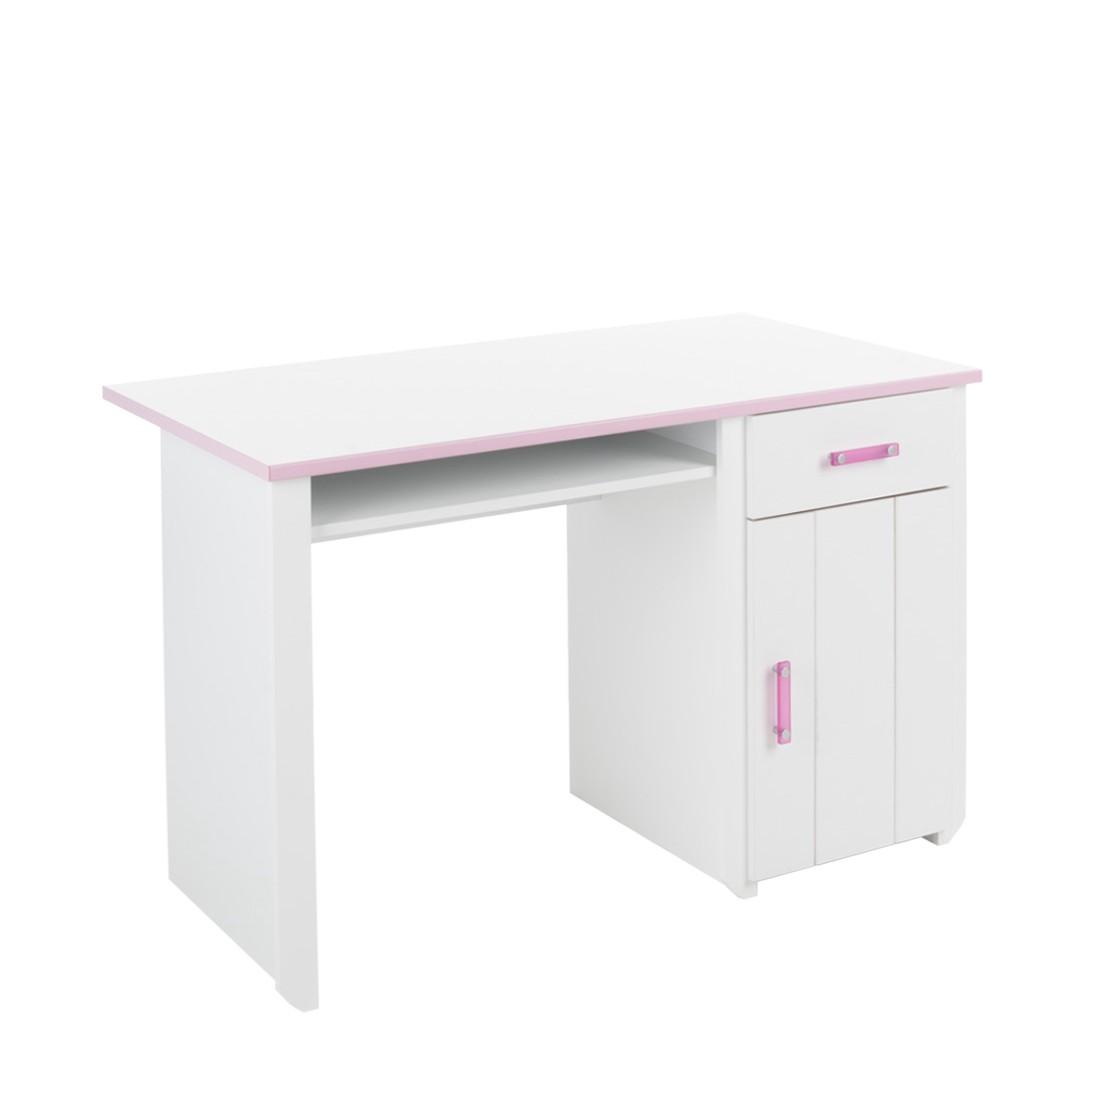 Schreibtisch biotiful wei pink parisot meubles bestellen for Schreibtisch bestellen